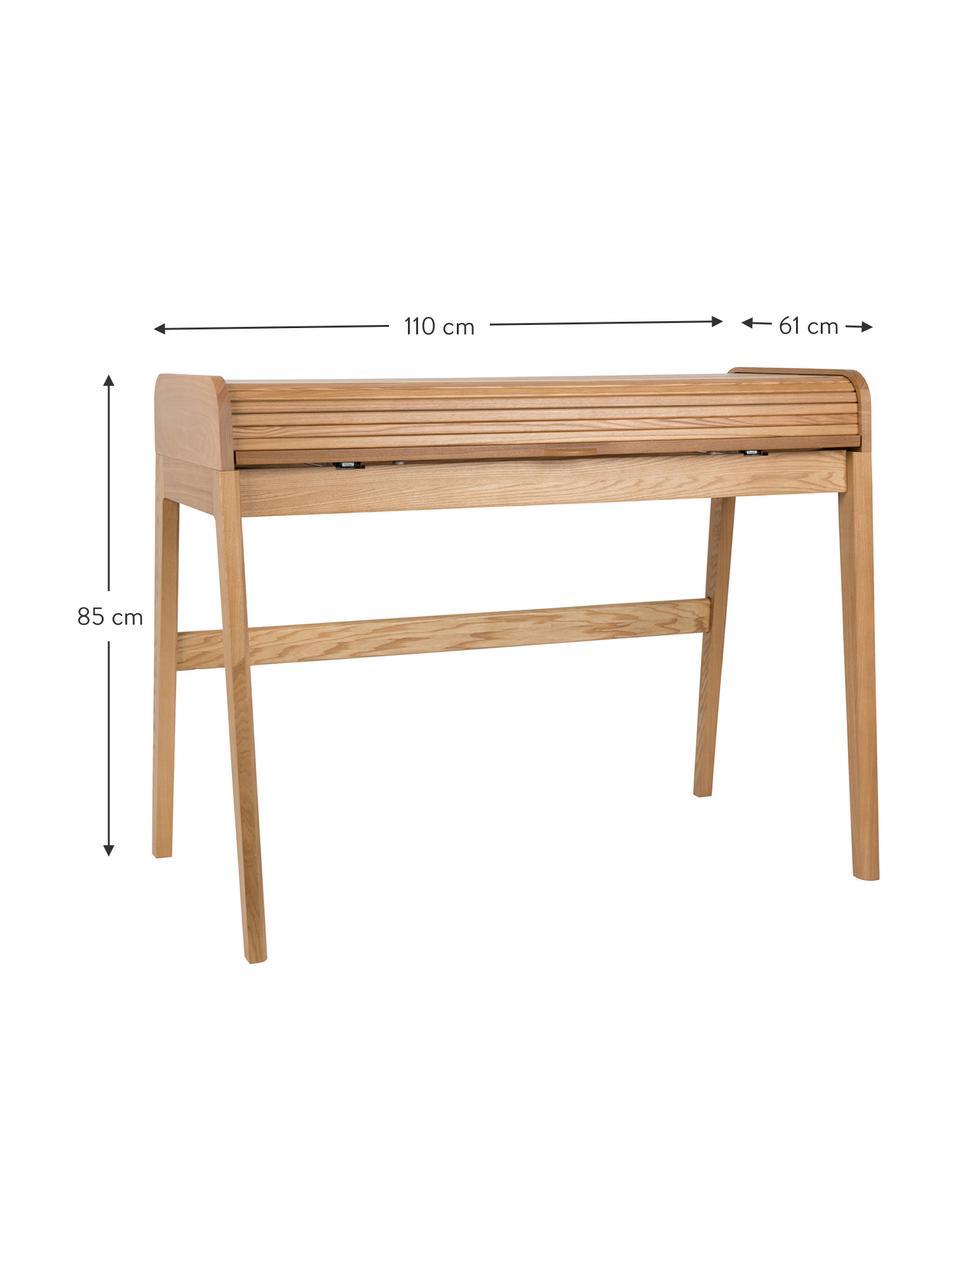 Biurko z drewna Barbier, Blat: płyta pilśniowa, fornir z, Drewno jesionowe, S 110 x W 85 cm